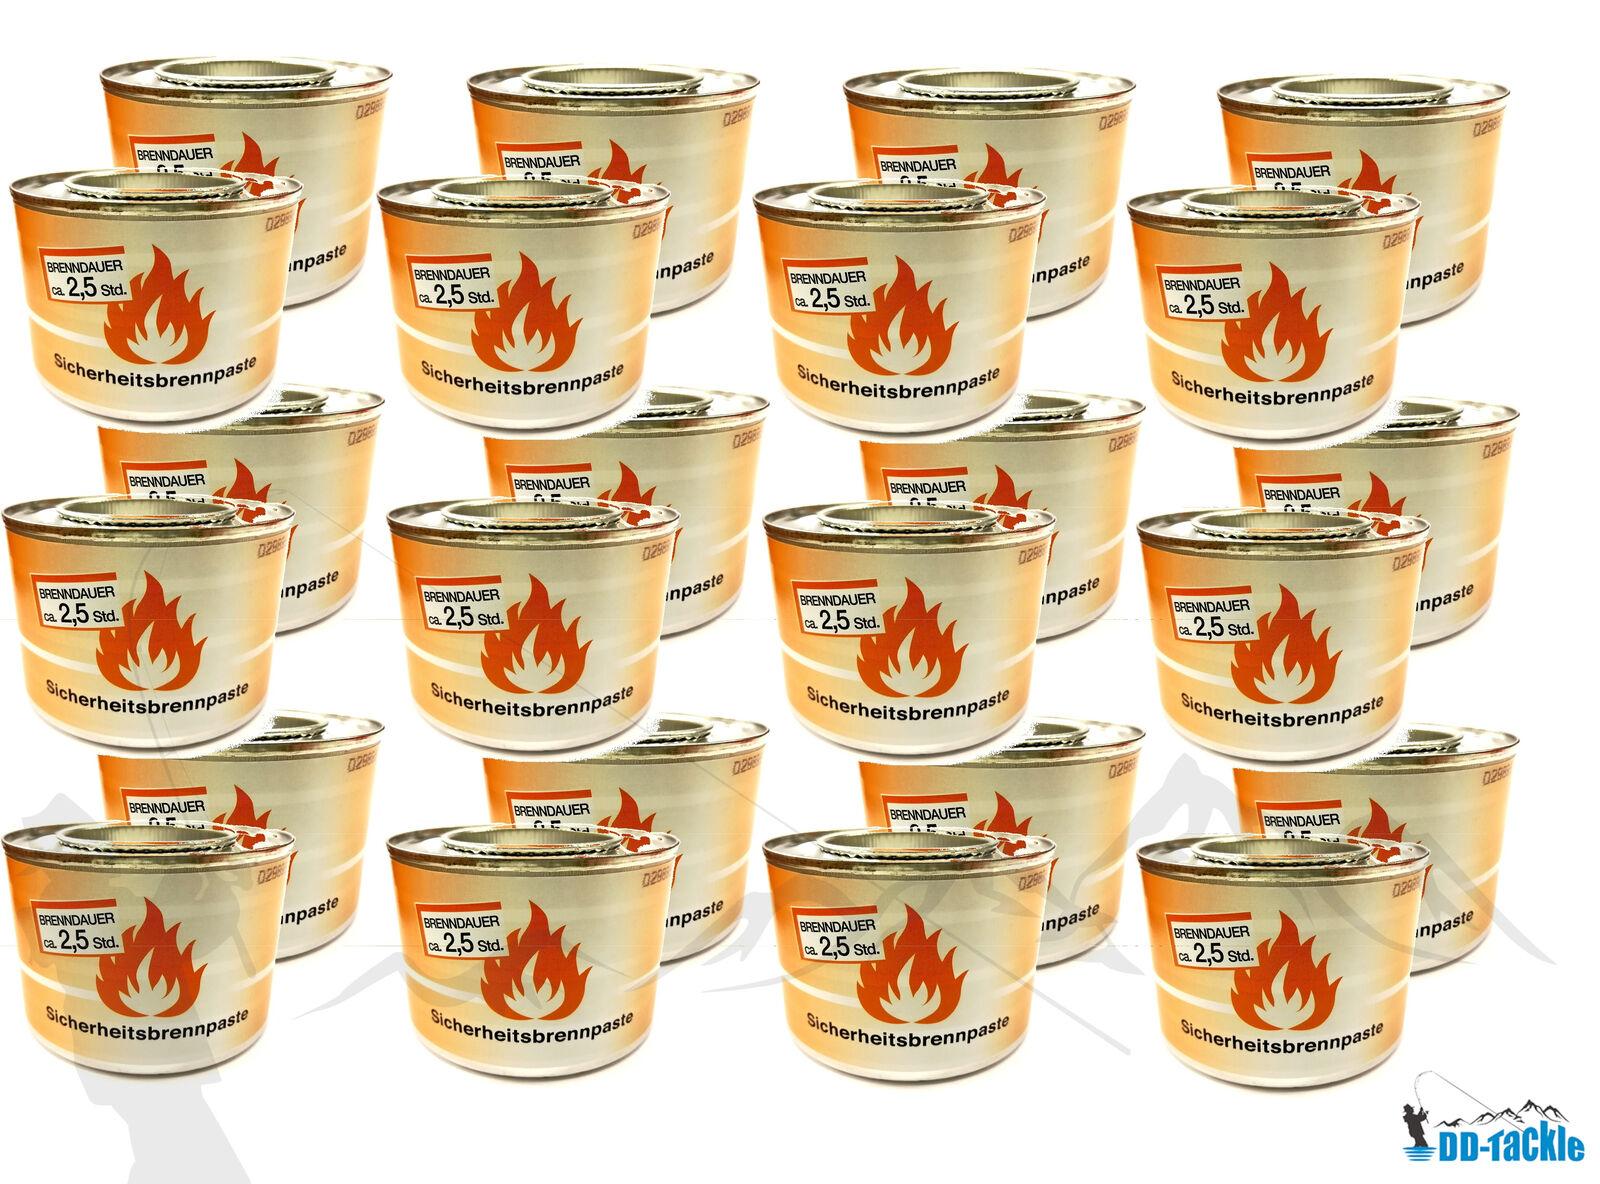 10 x Brennpaste für Tischräucherofen Speisenwärmer Buffet Sicherheitsbrennpaste